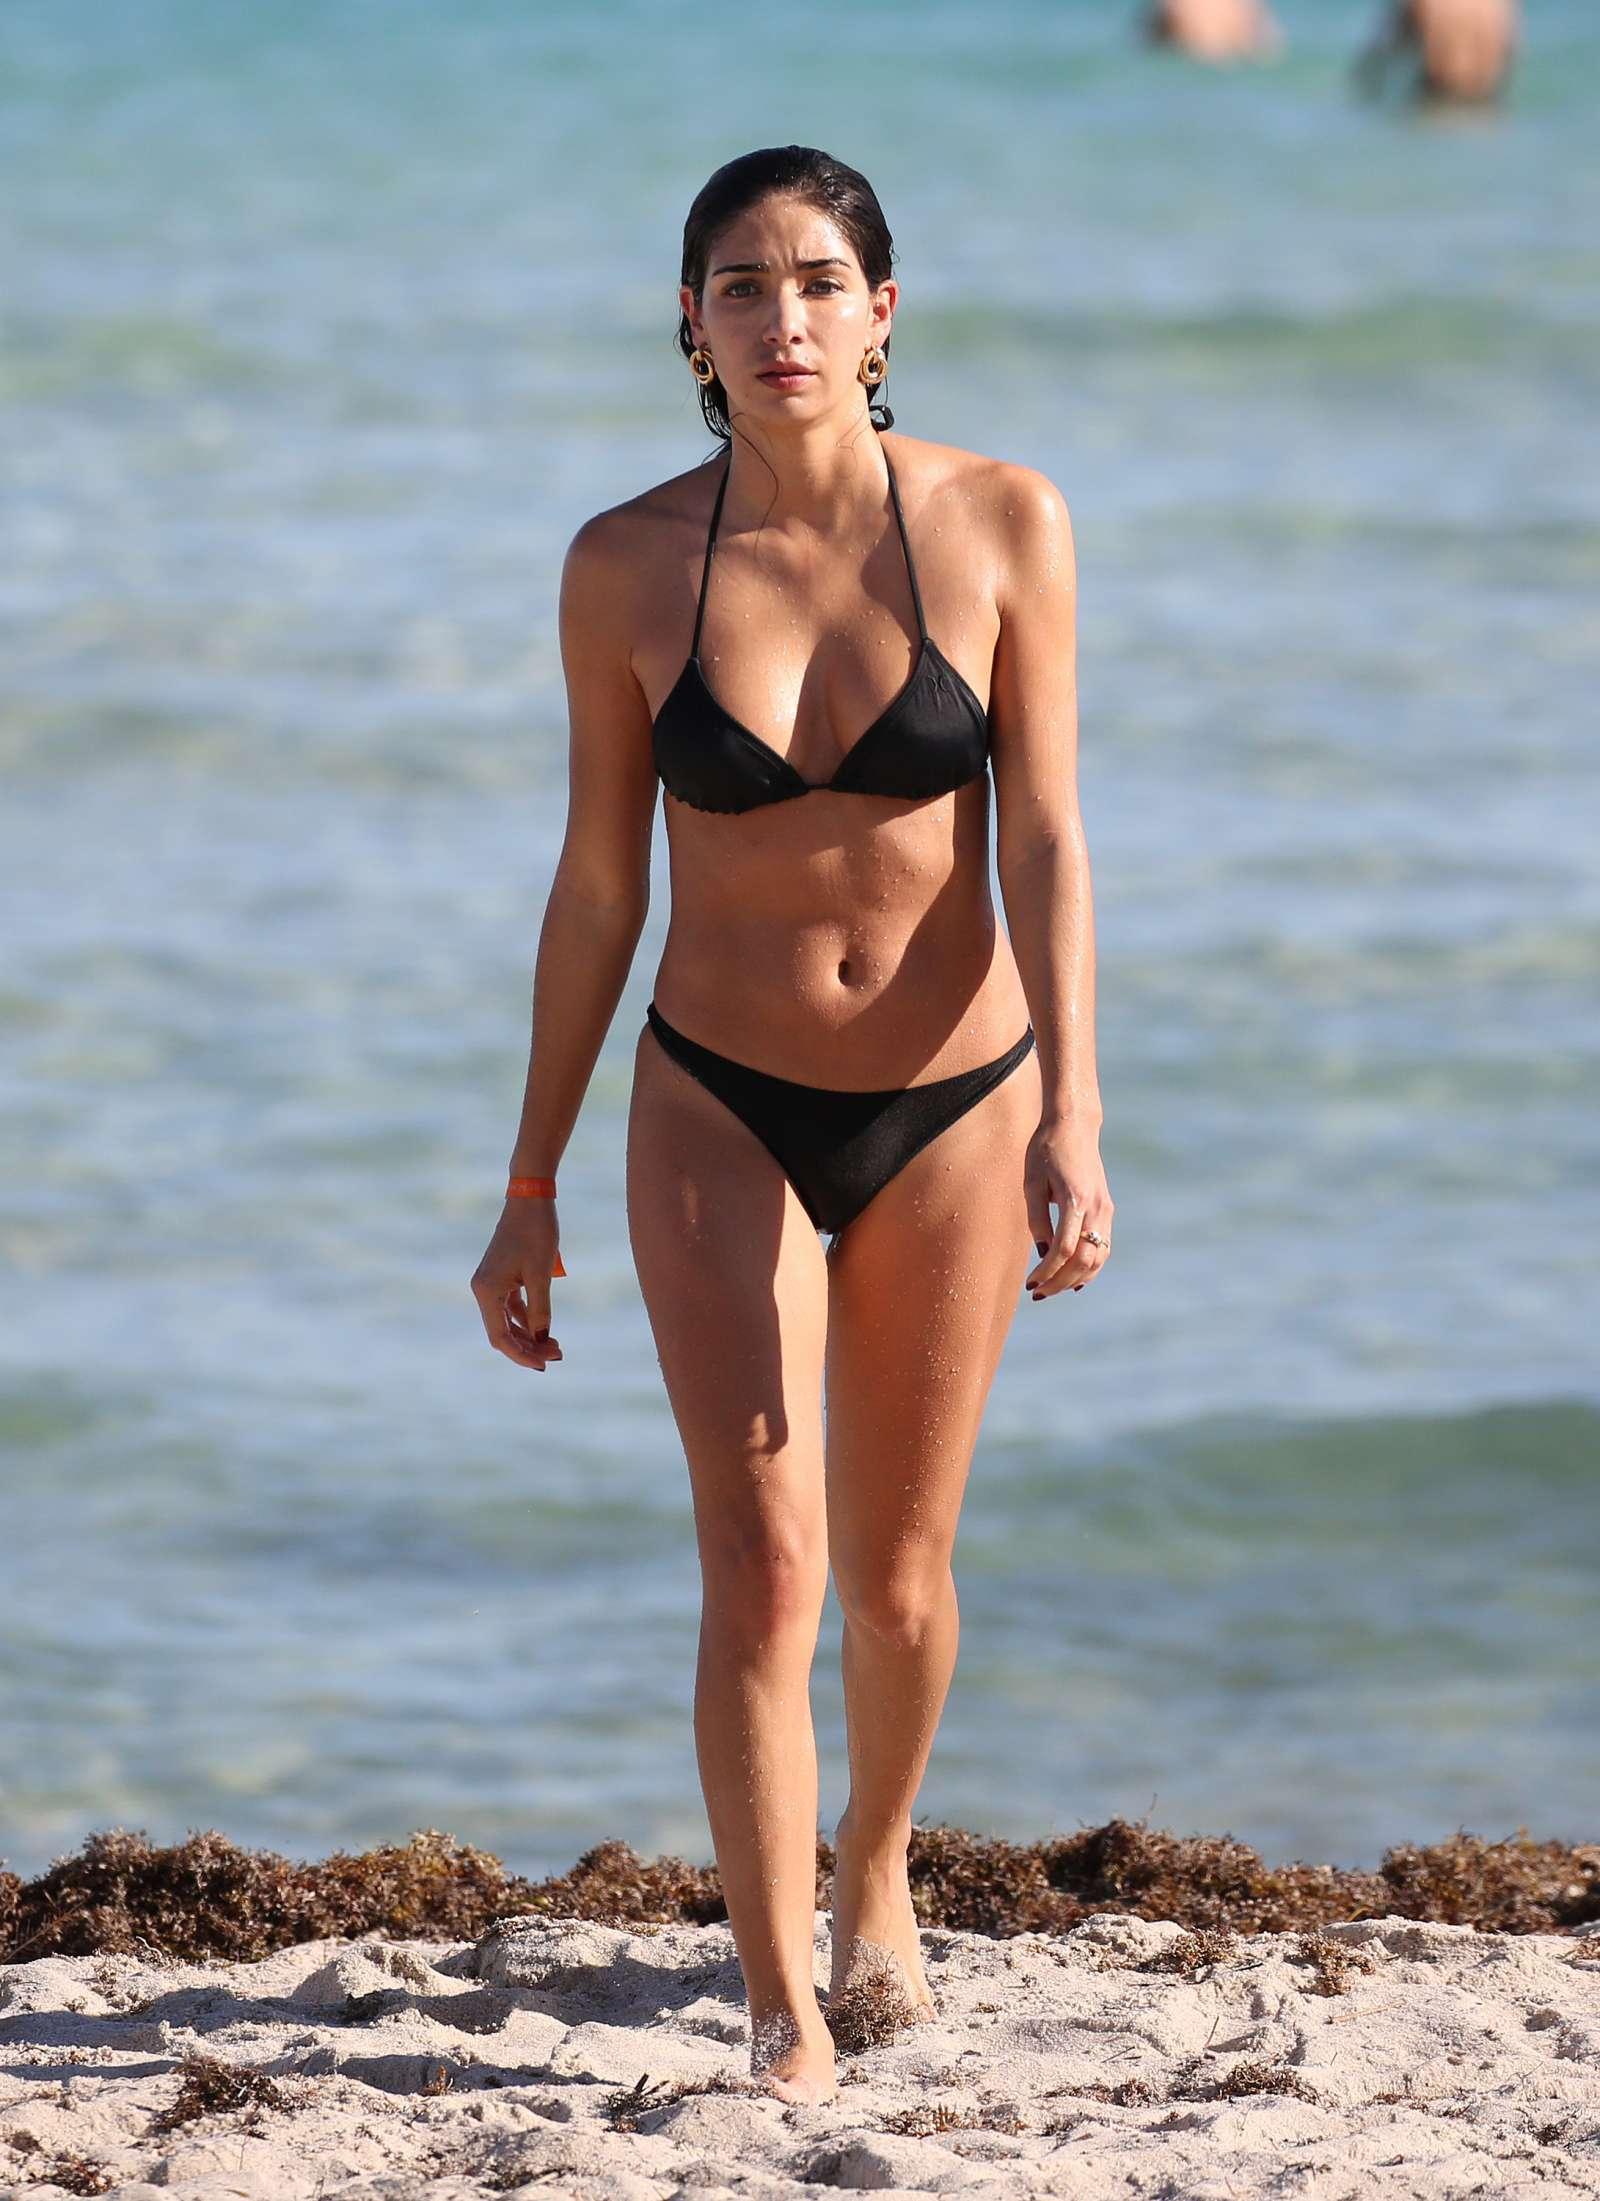 Bianca Peters in Black Bikini on the beach in Miami